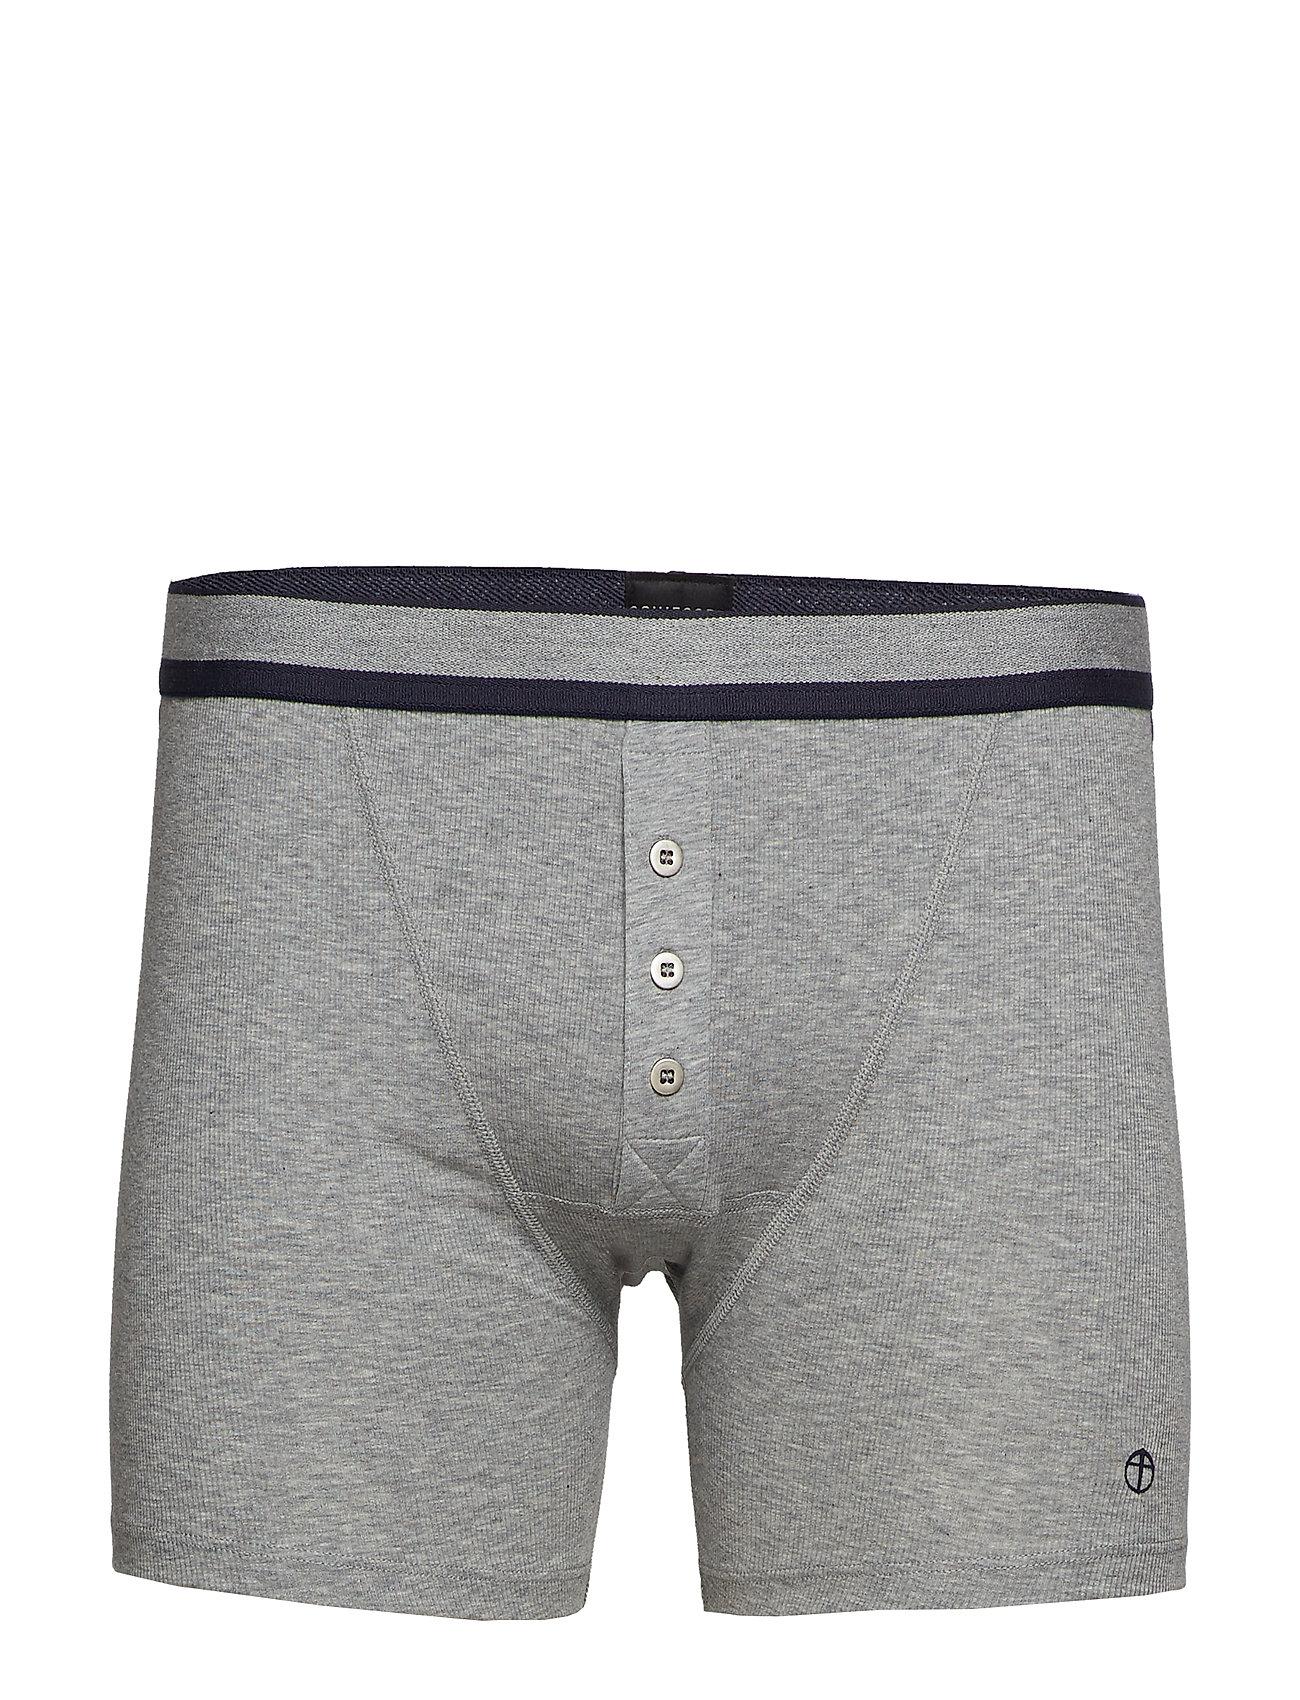 Schiesser Shorts - GREY MELANGE